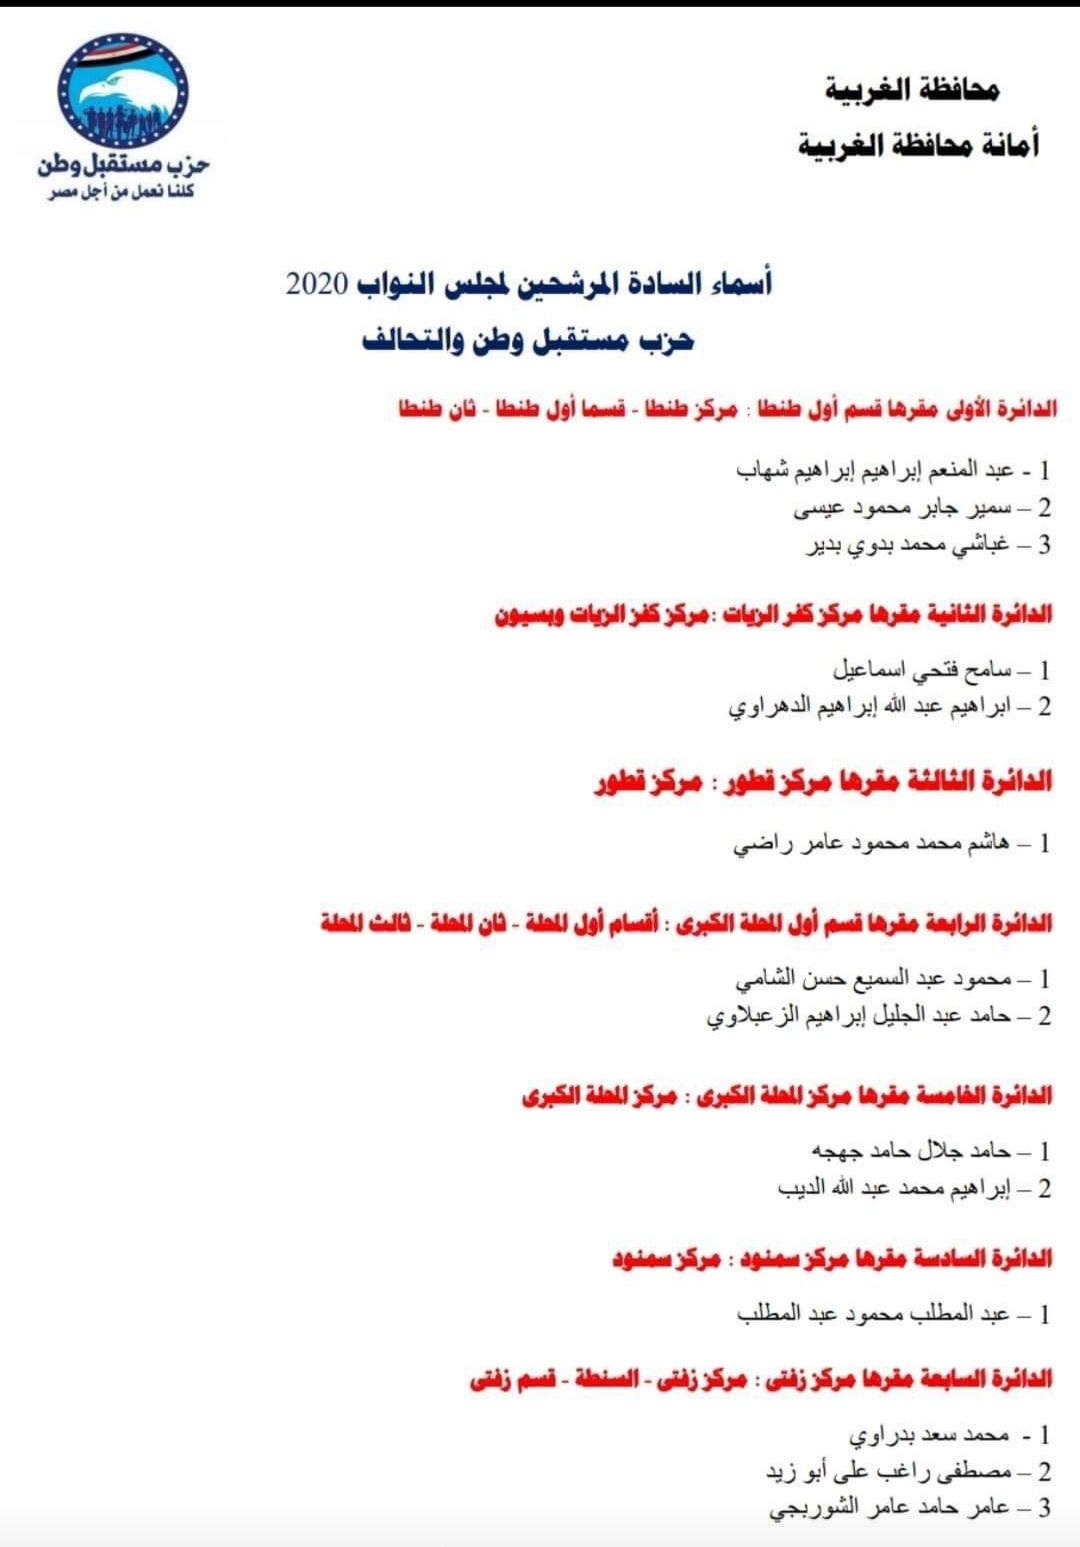 مرشحو حزب مستقبل وطن وتحالف من أجل مصر في محافظة الغربية